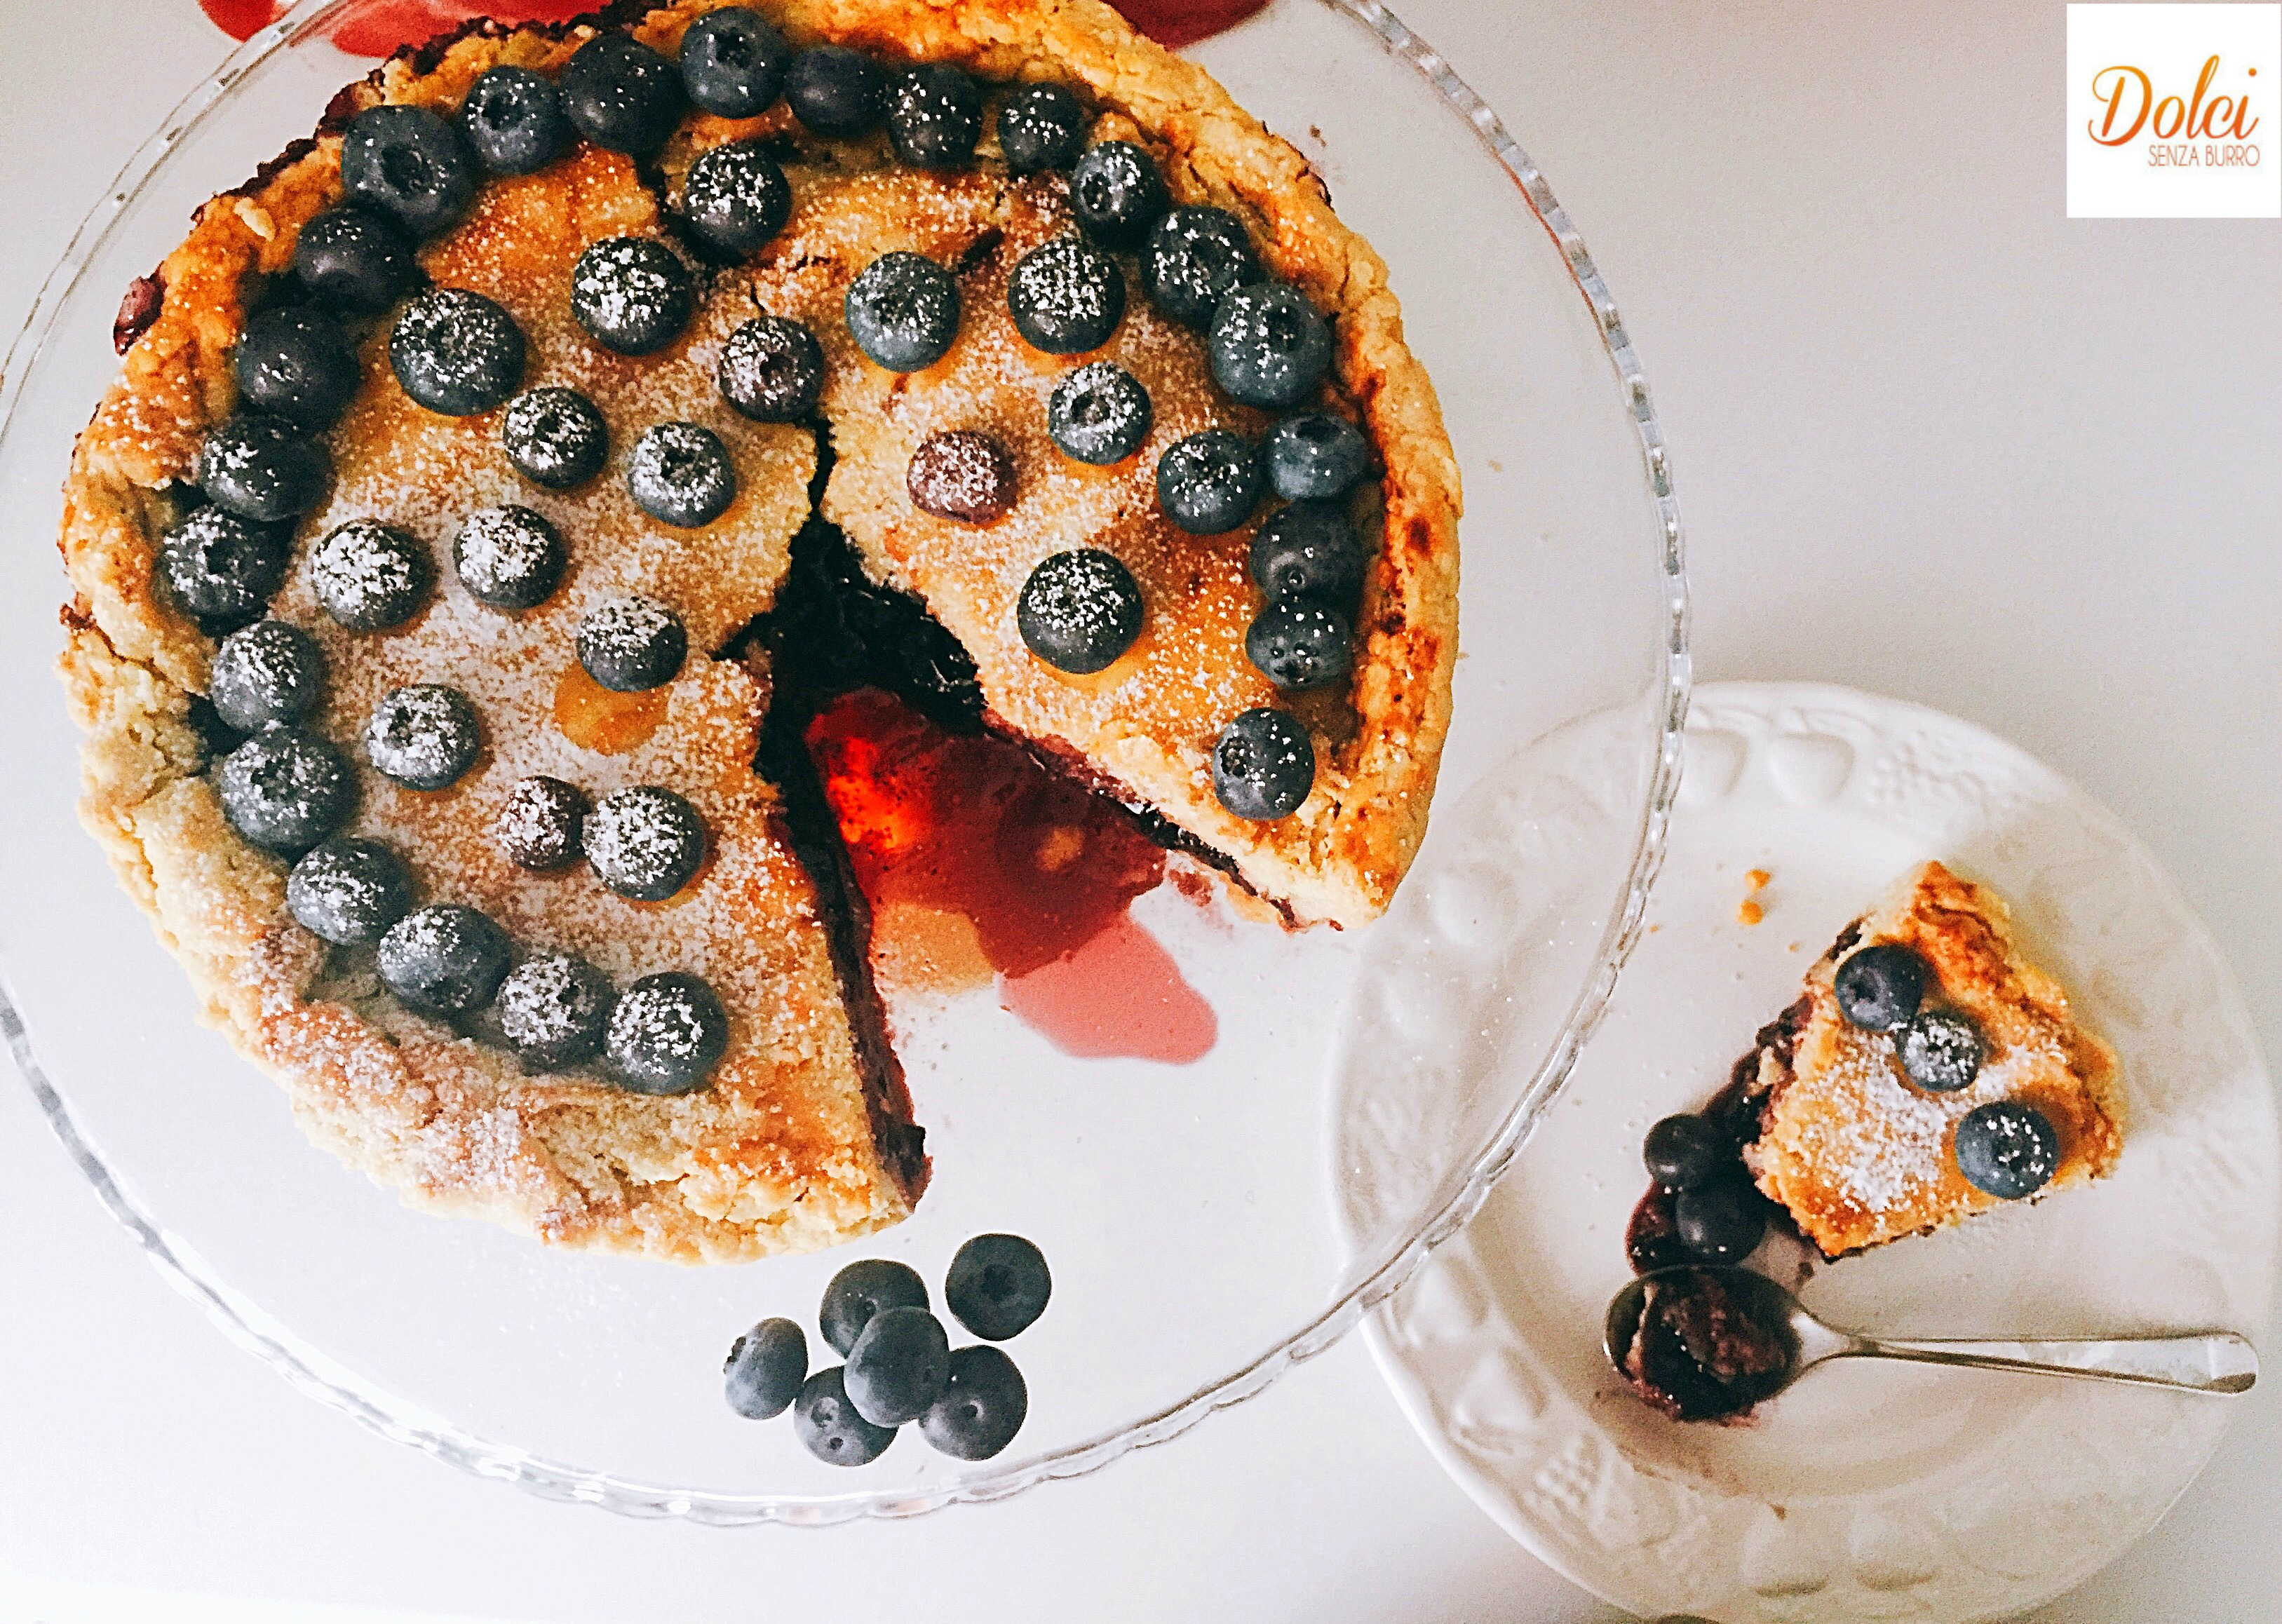 Pie di Mirtilli Senza Burro, la crostata di mirtilli americana (blueberry pie) super golosa di dolci senza burro